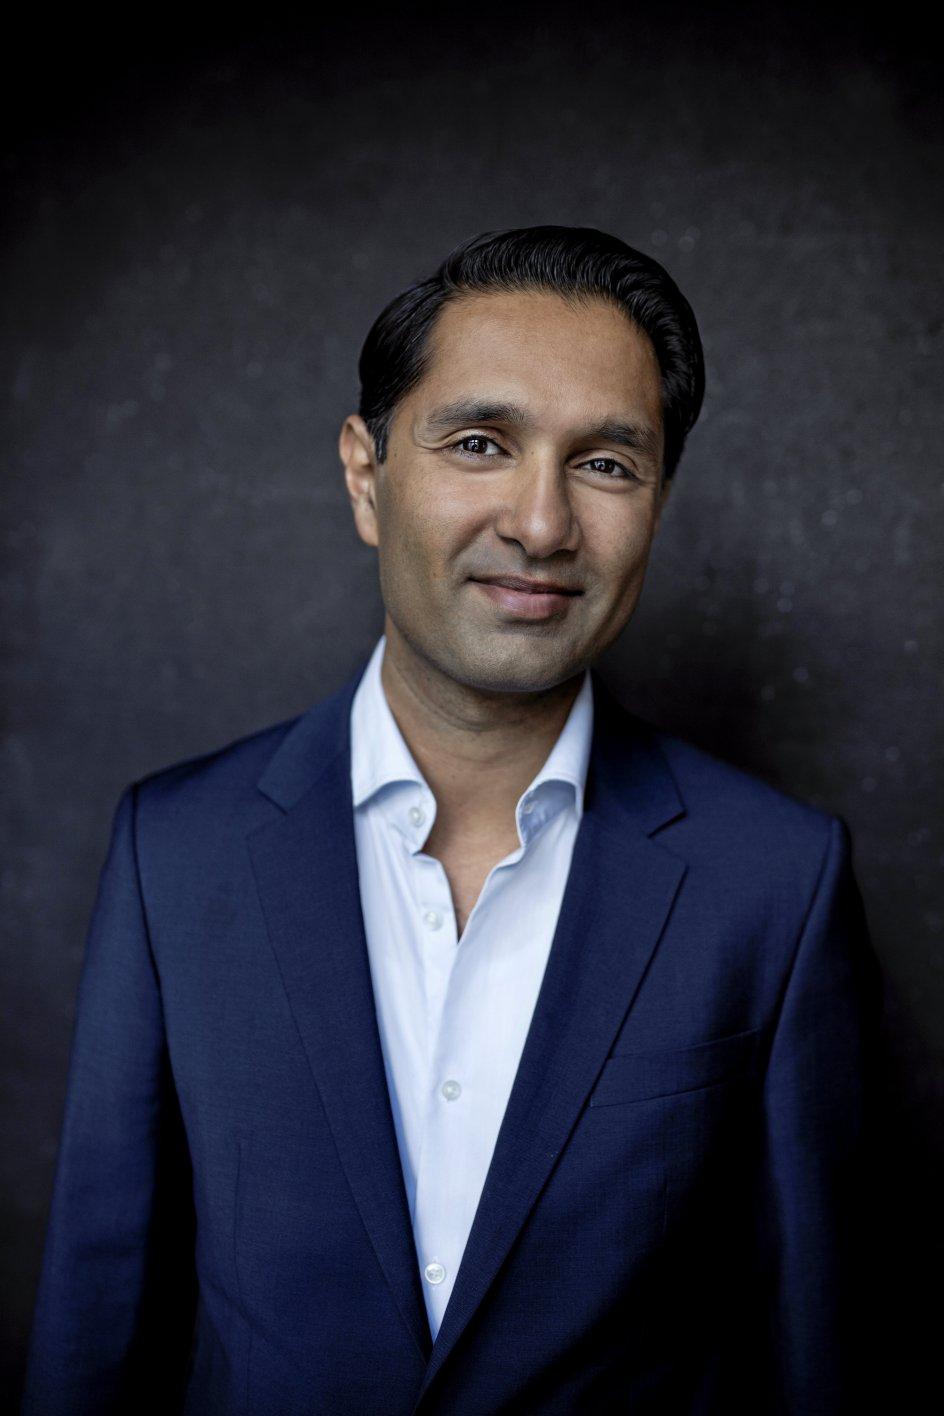 Forfatter, speciallæge og ekspert i digital sundhed, Imran Rashid, tilbyder i sin online lægeklinik lige nu gratis rådgivning til familier og privatpersoner, der ønsker hjælp til at komme ud af coronaens digitale døs.